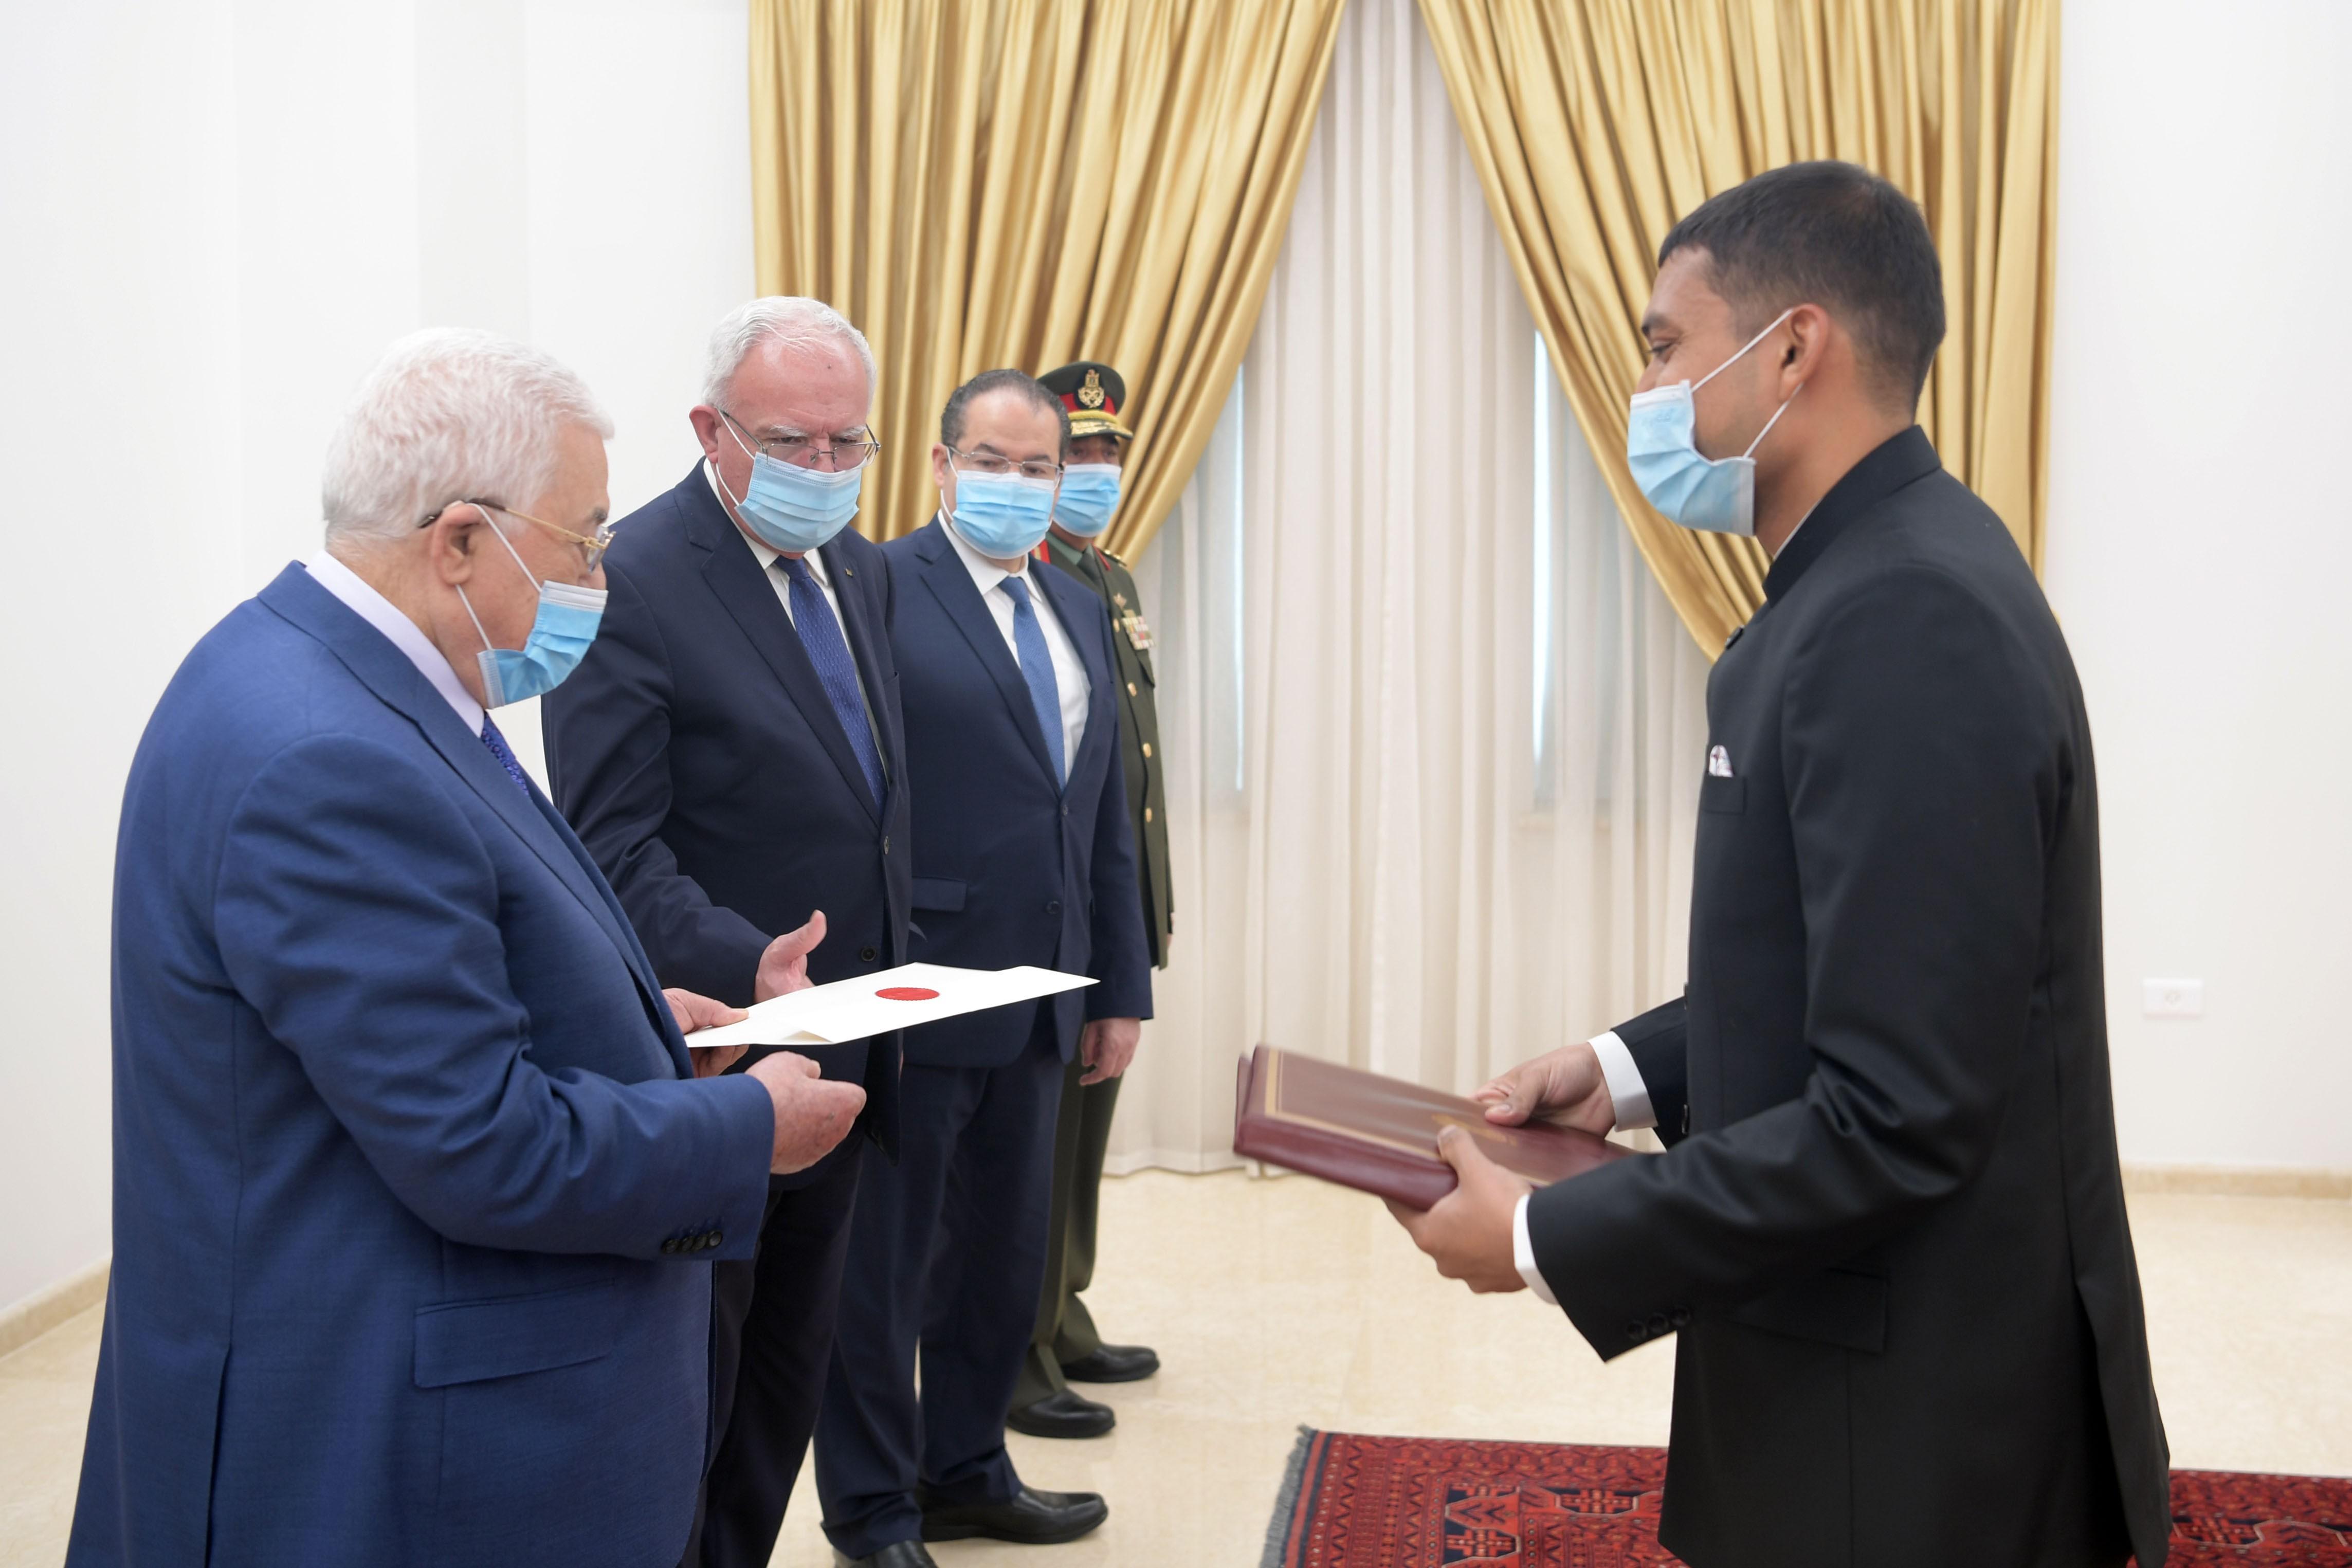 بالصور: الرئيس يتقبّل أوراق اعتماد ممثلي البرازيل والهند لدى فلسطين